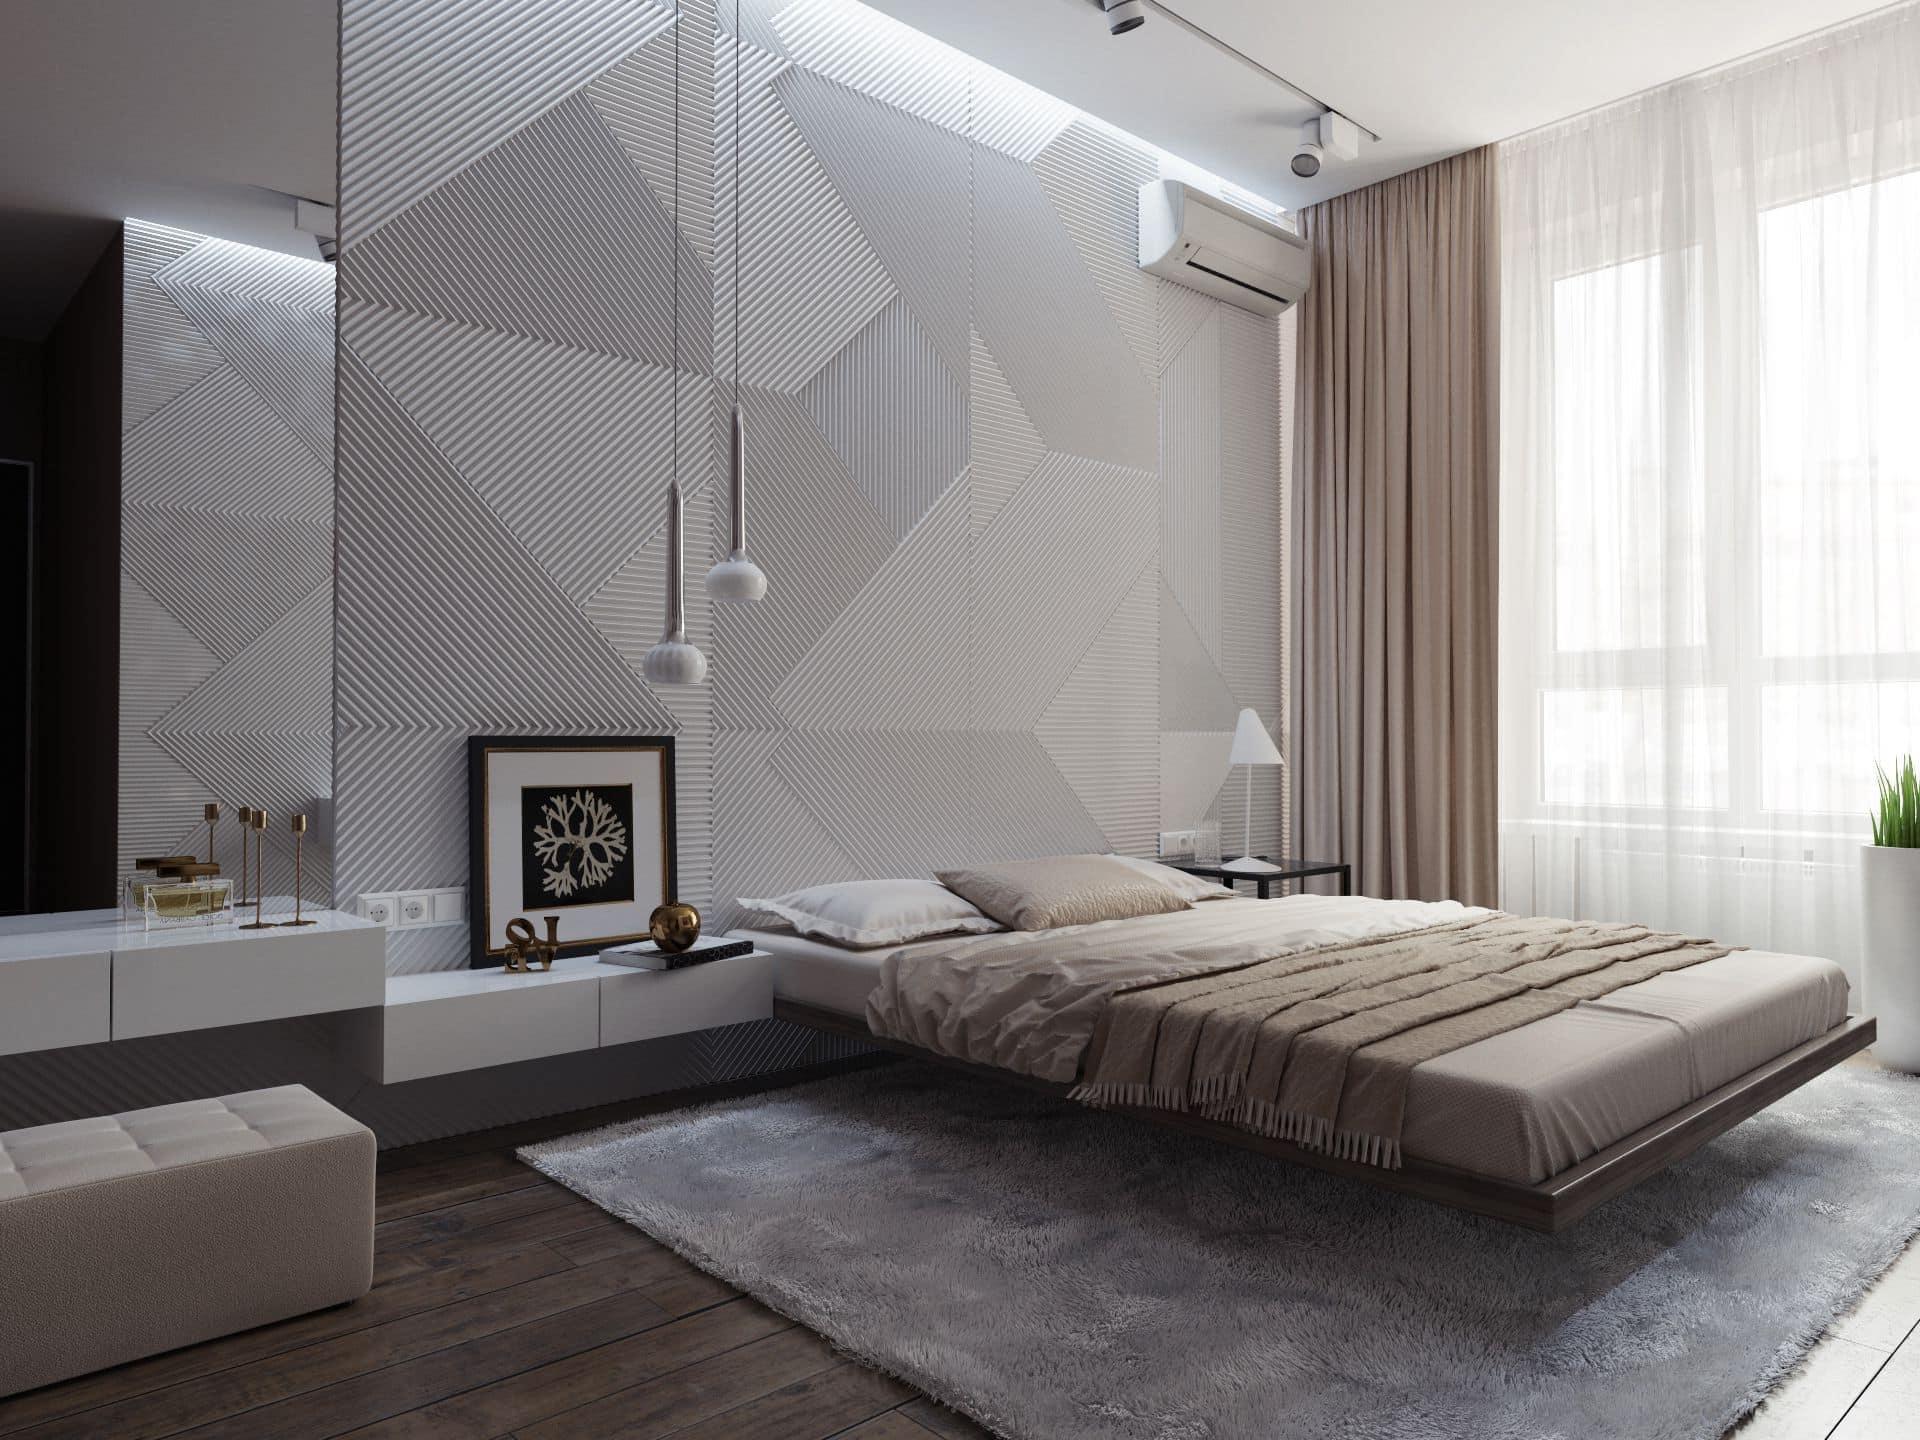 Кровать которая словно парит в воздухе смотрится стильно и необычно